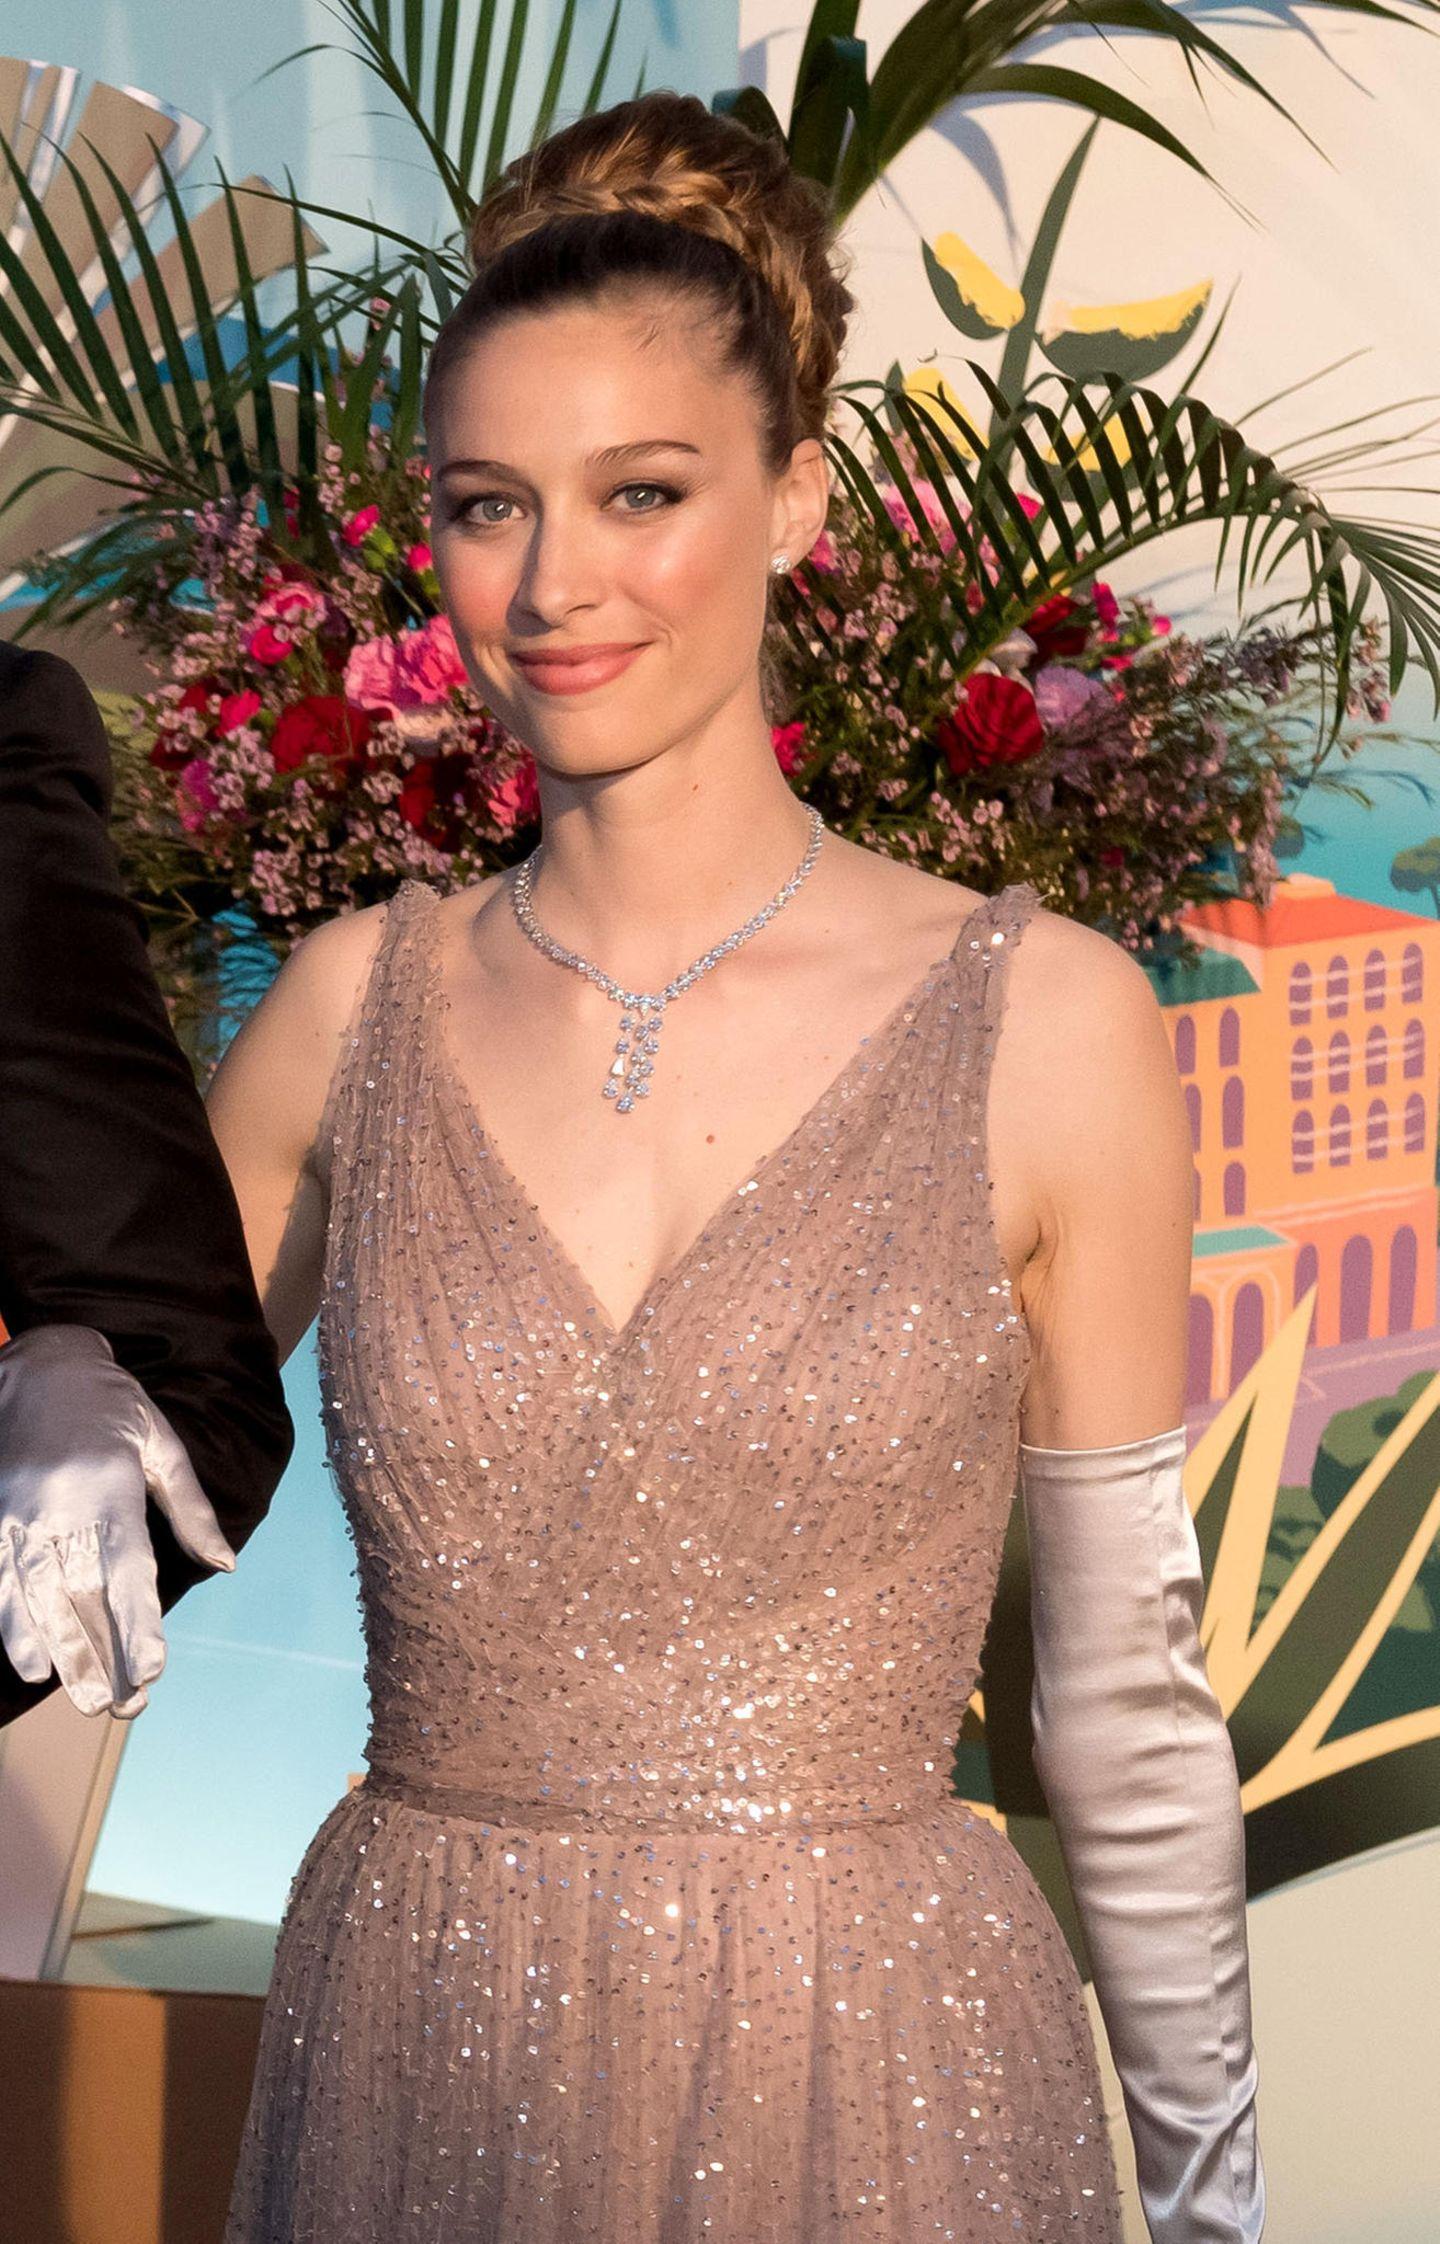 Der Look von Beatrice Borromeo scheint eine rührende Hommage an Prinzessin Grace zu sein: Sie trägt ein glitzerndes Kleid von Dior, lange seidene Handschuhe und ein funkelndes Collier. Dazu hat sie ihr blondes Haar zu einer aufwendigen Flechtfrisur hochgesteckt.